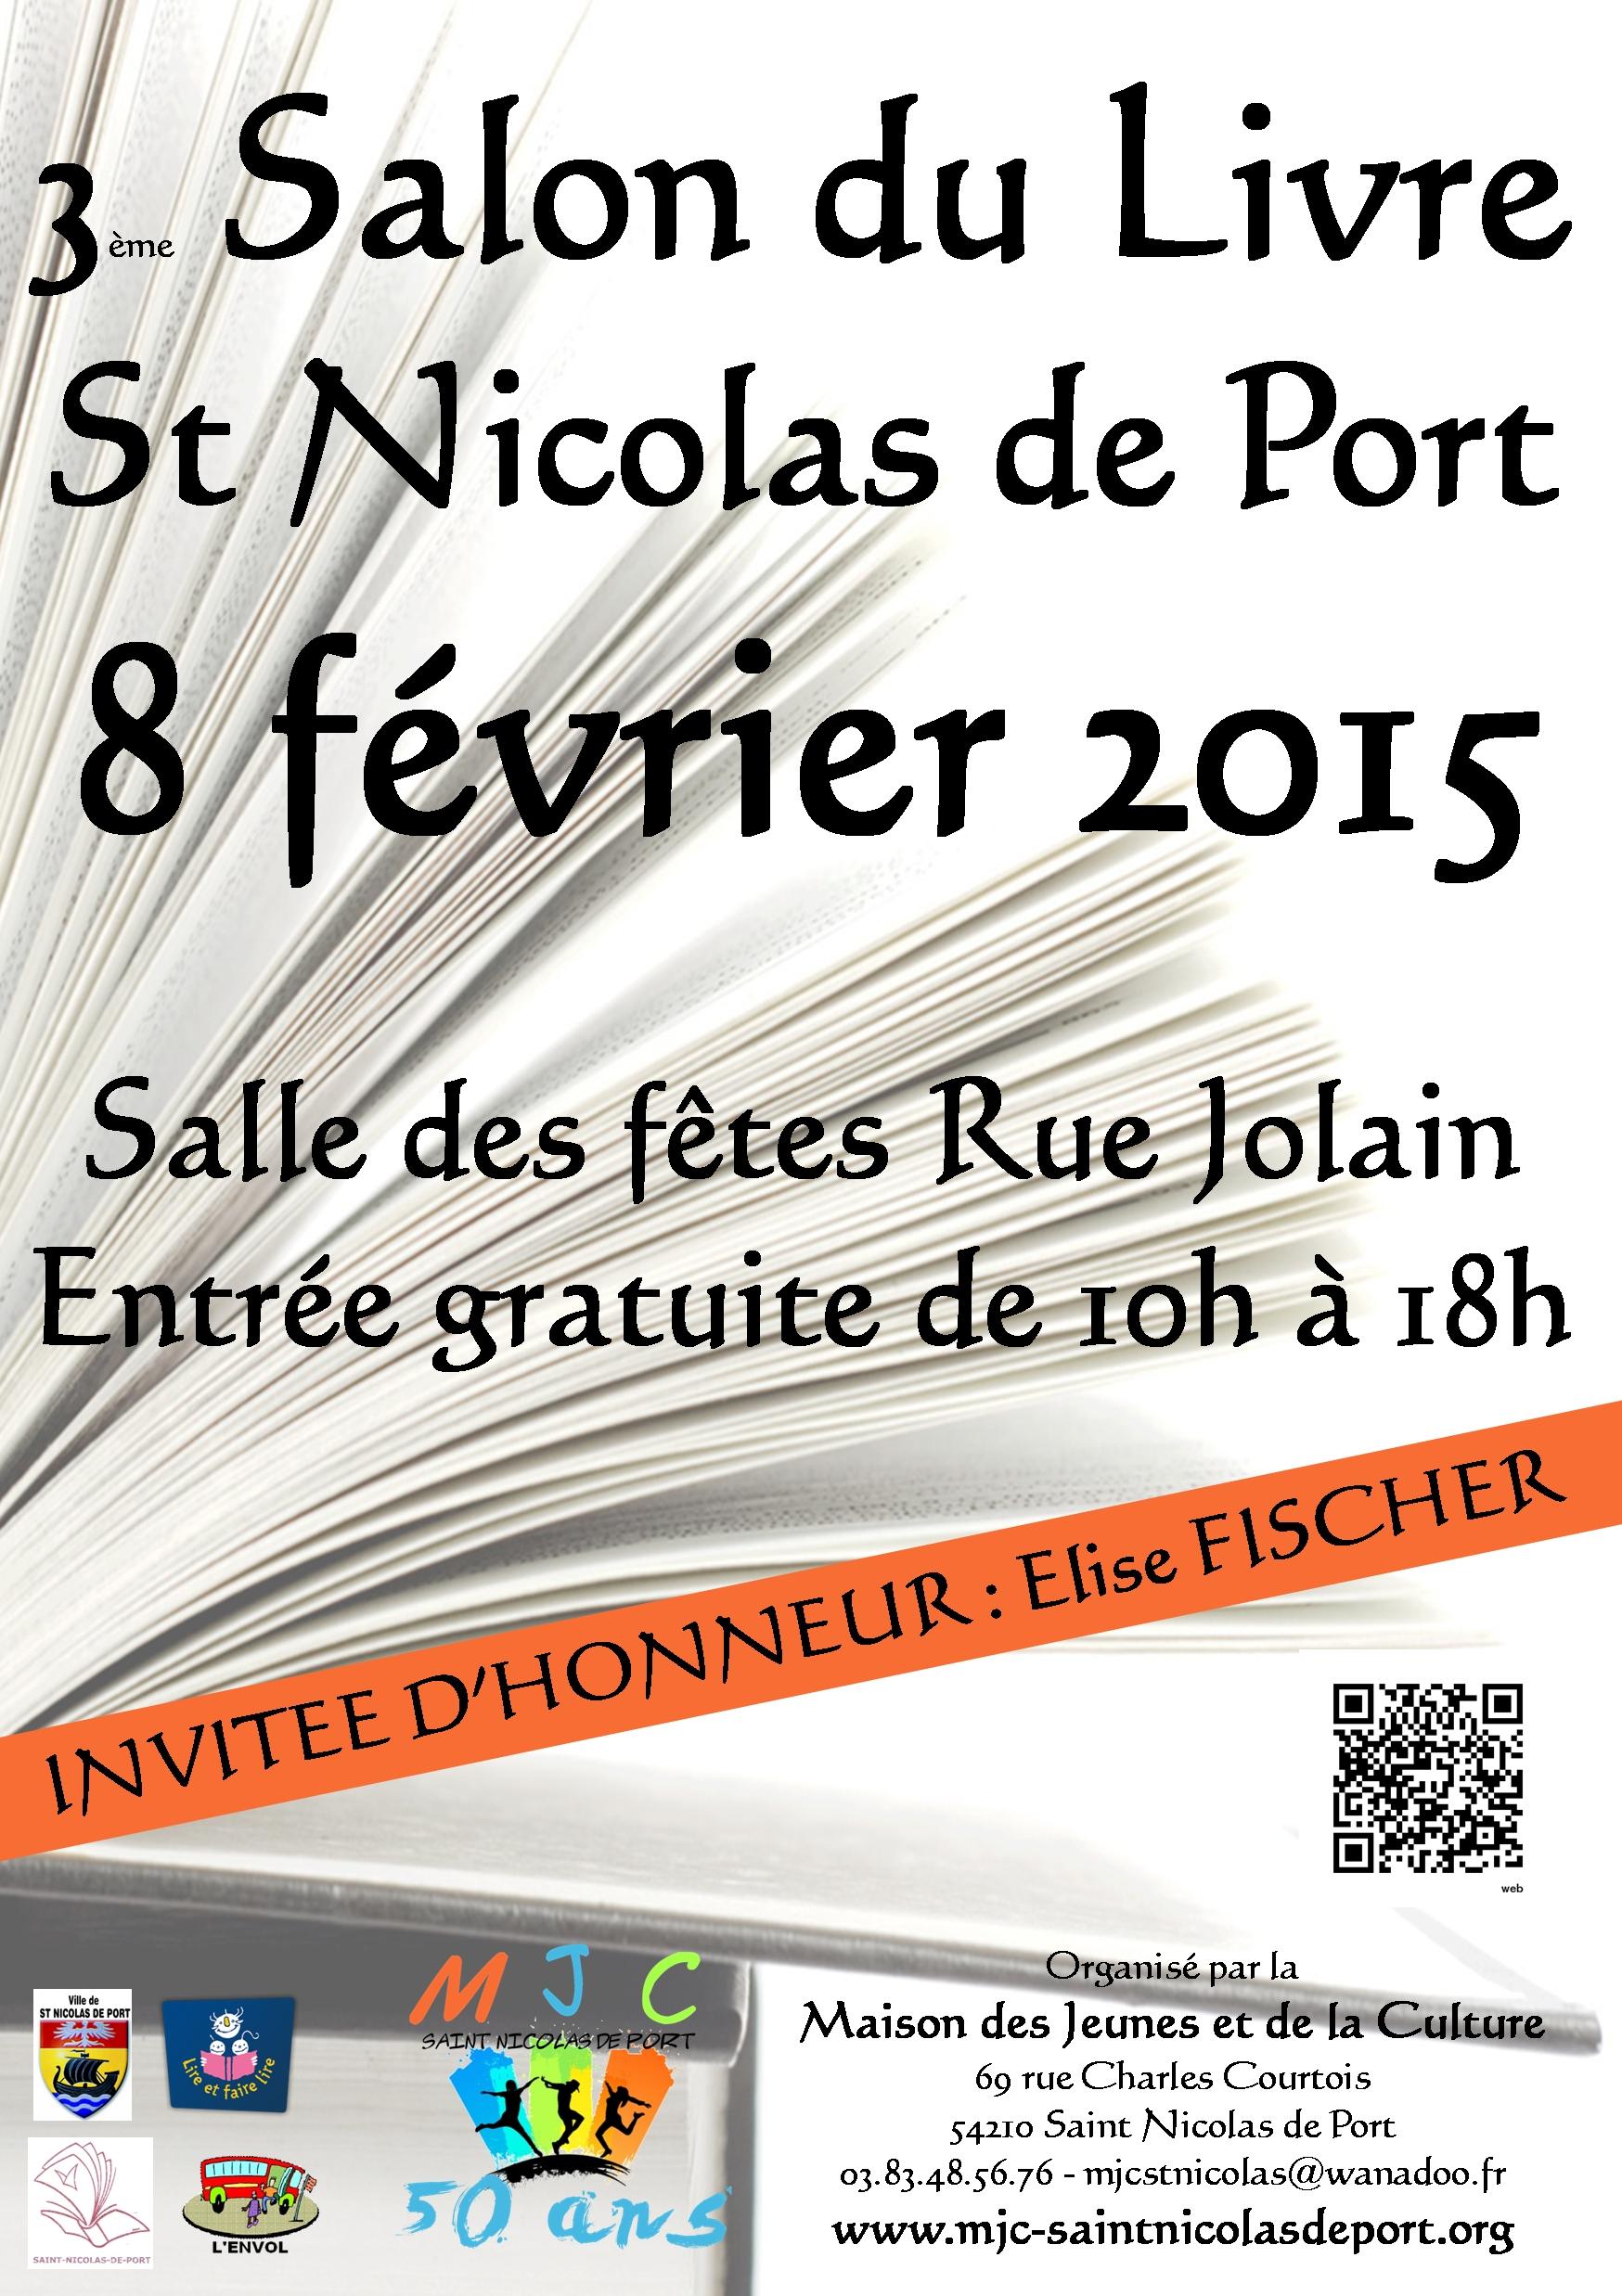 Saint nicolas de port ecrivain public zaz et plus - Salon du livre troyes ...